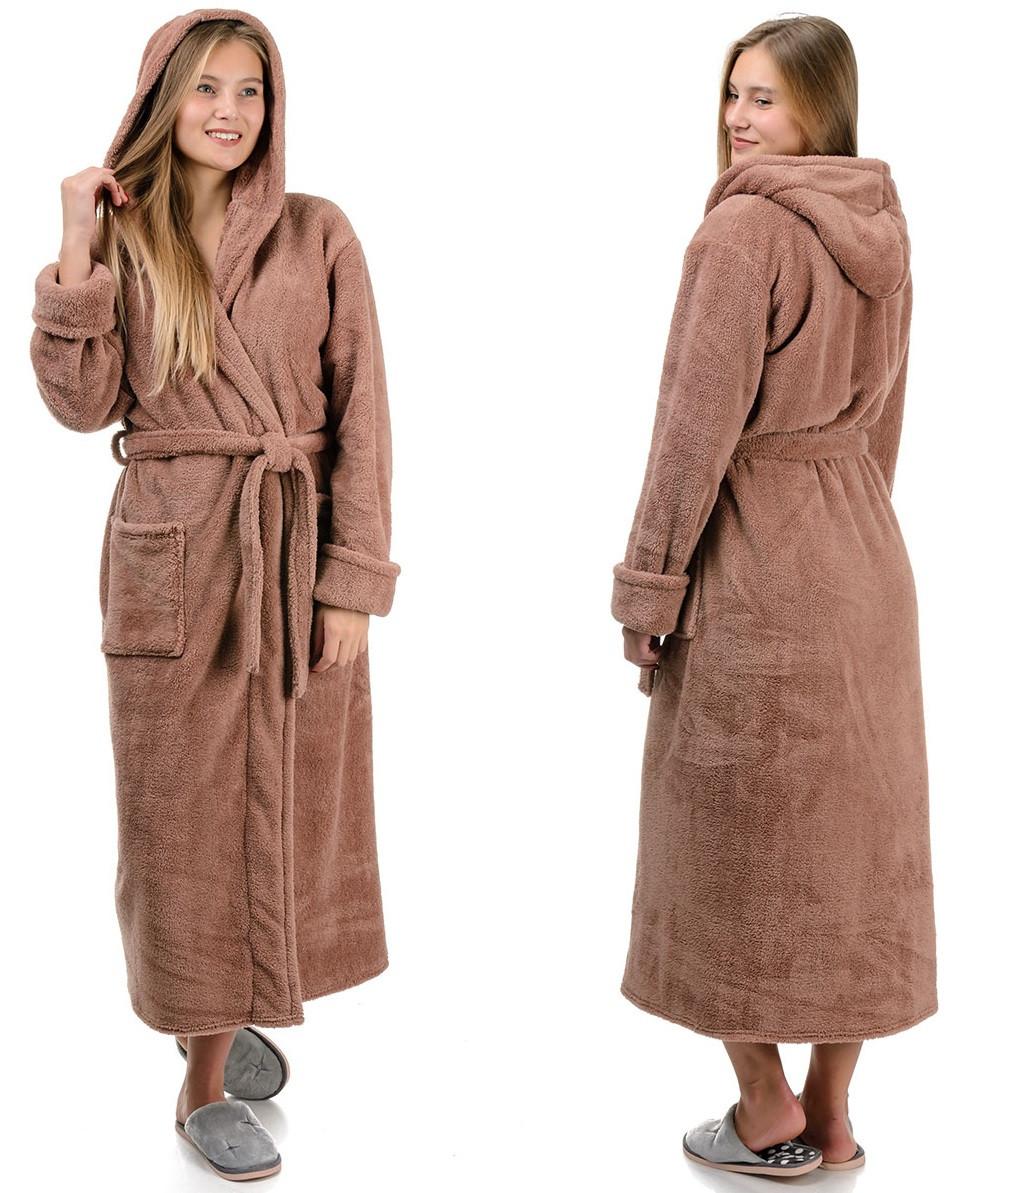 Длинный халат махровый женский с поясом теплый домашний зимний велсофт с капюшоном